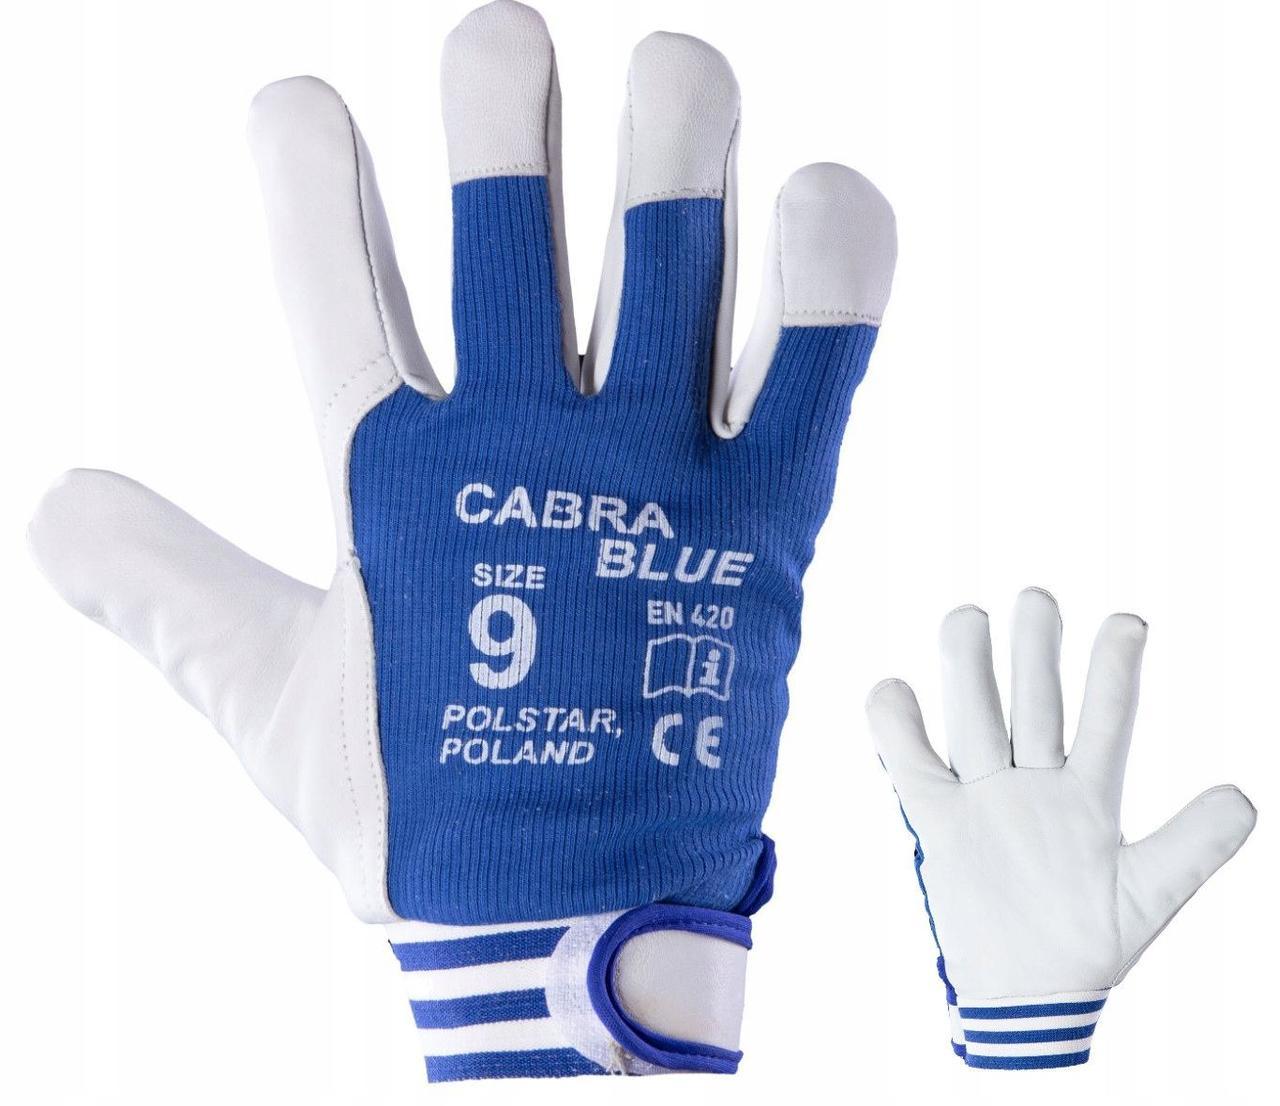 Перчатки рабочие кожаные POLSTAR CABRA BLUE 10